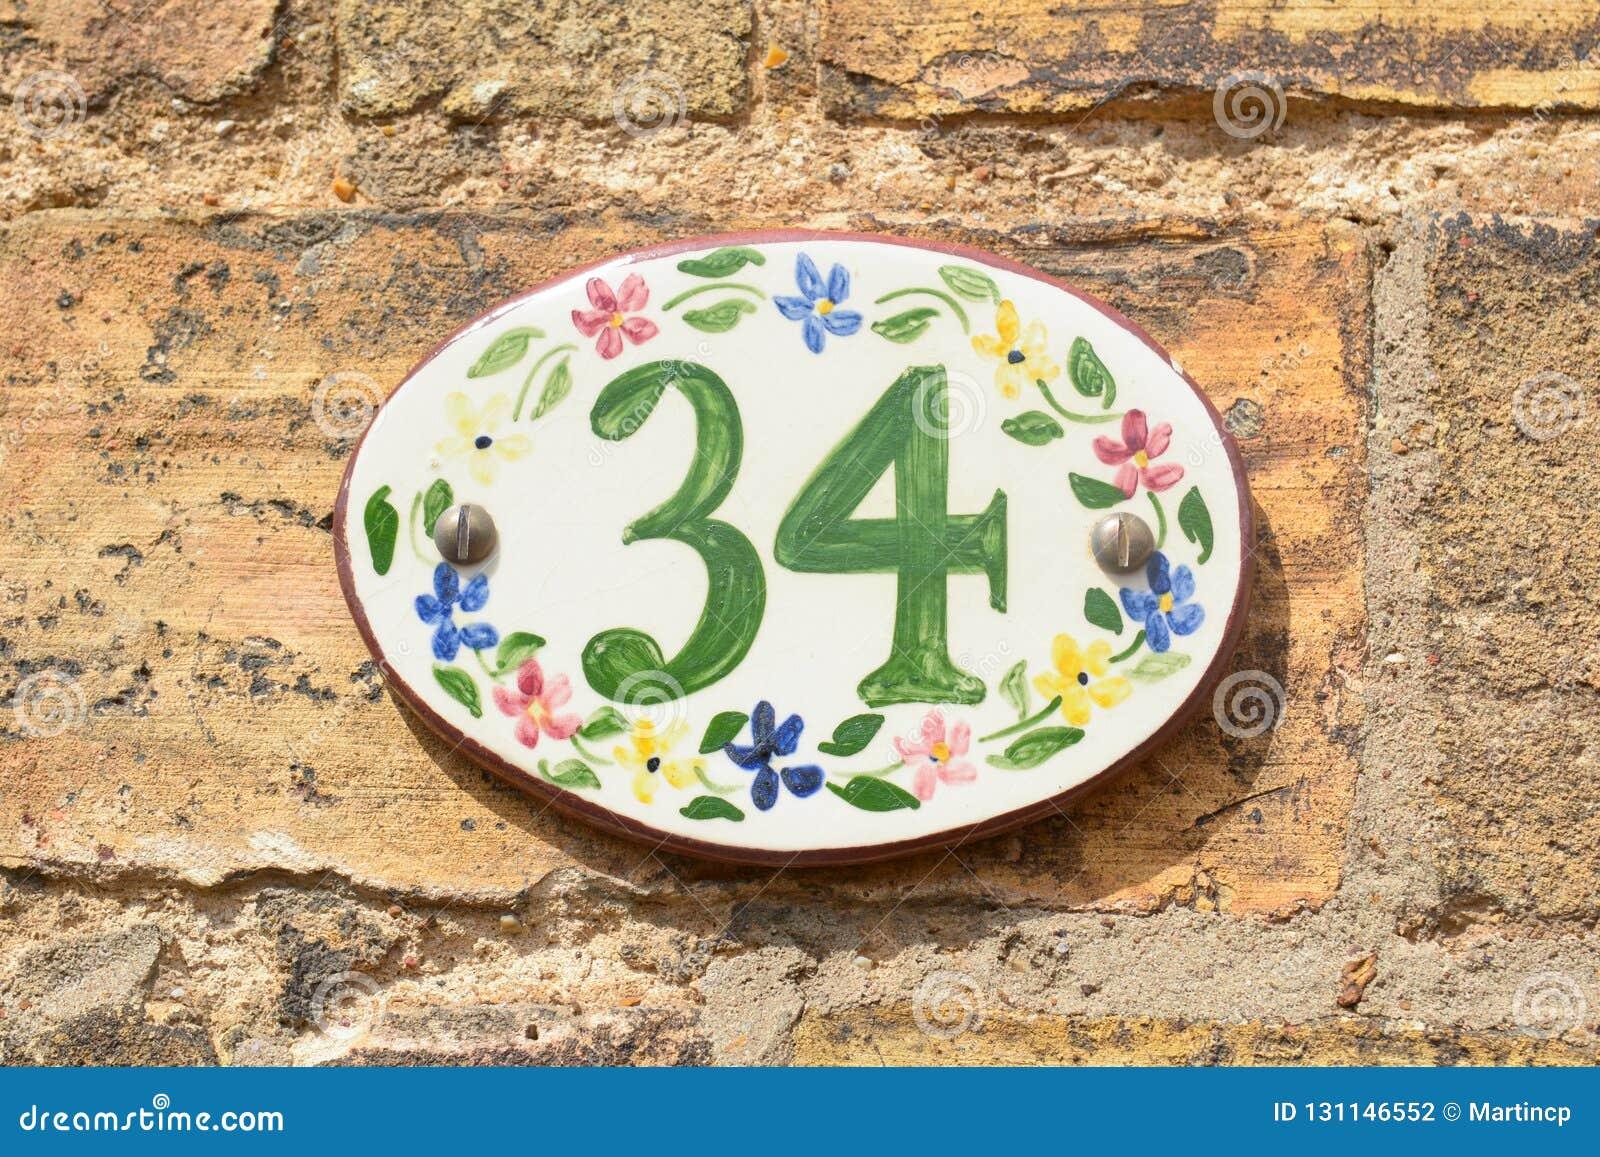 Segno del numero civico sulla piastrella di ceramica con i